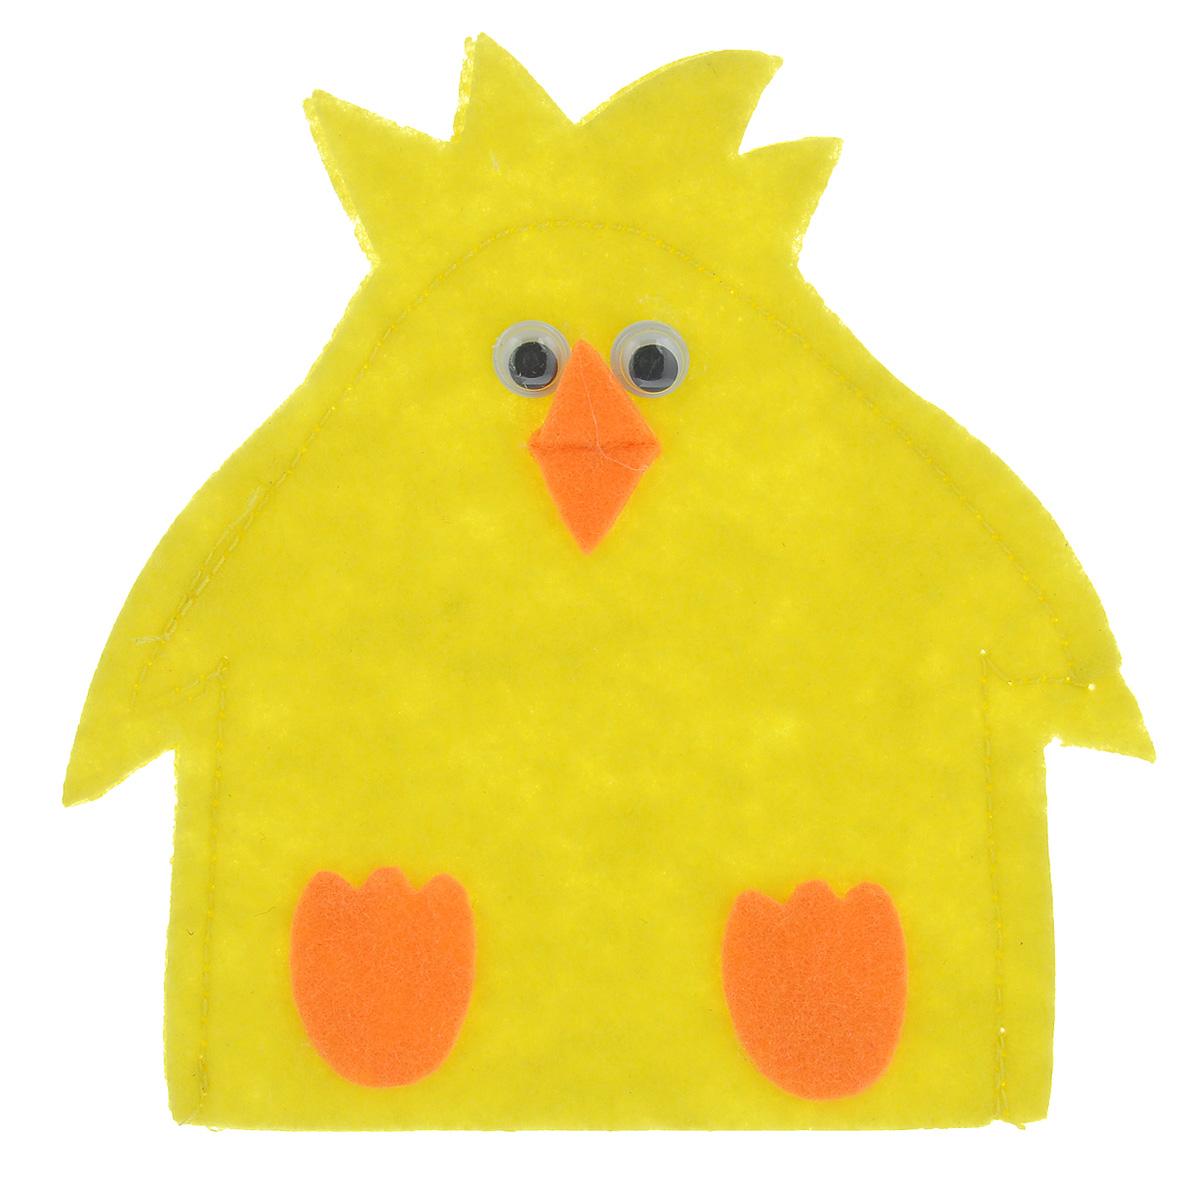 Грелка для яйца Home Queen Цыпленок, цвет: желтый, 11,5 х 11,5 см мочалка из нейлона home queen цвет желтый 57199